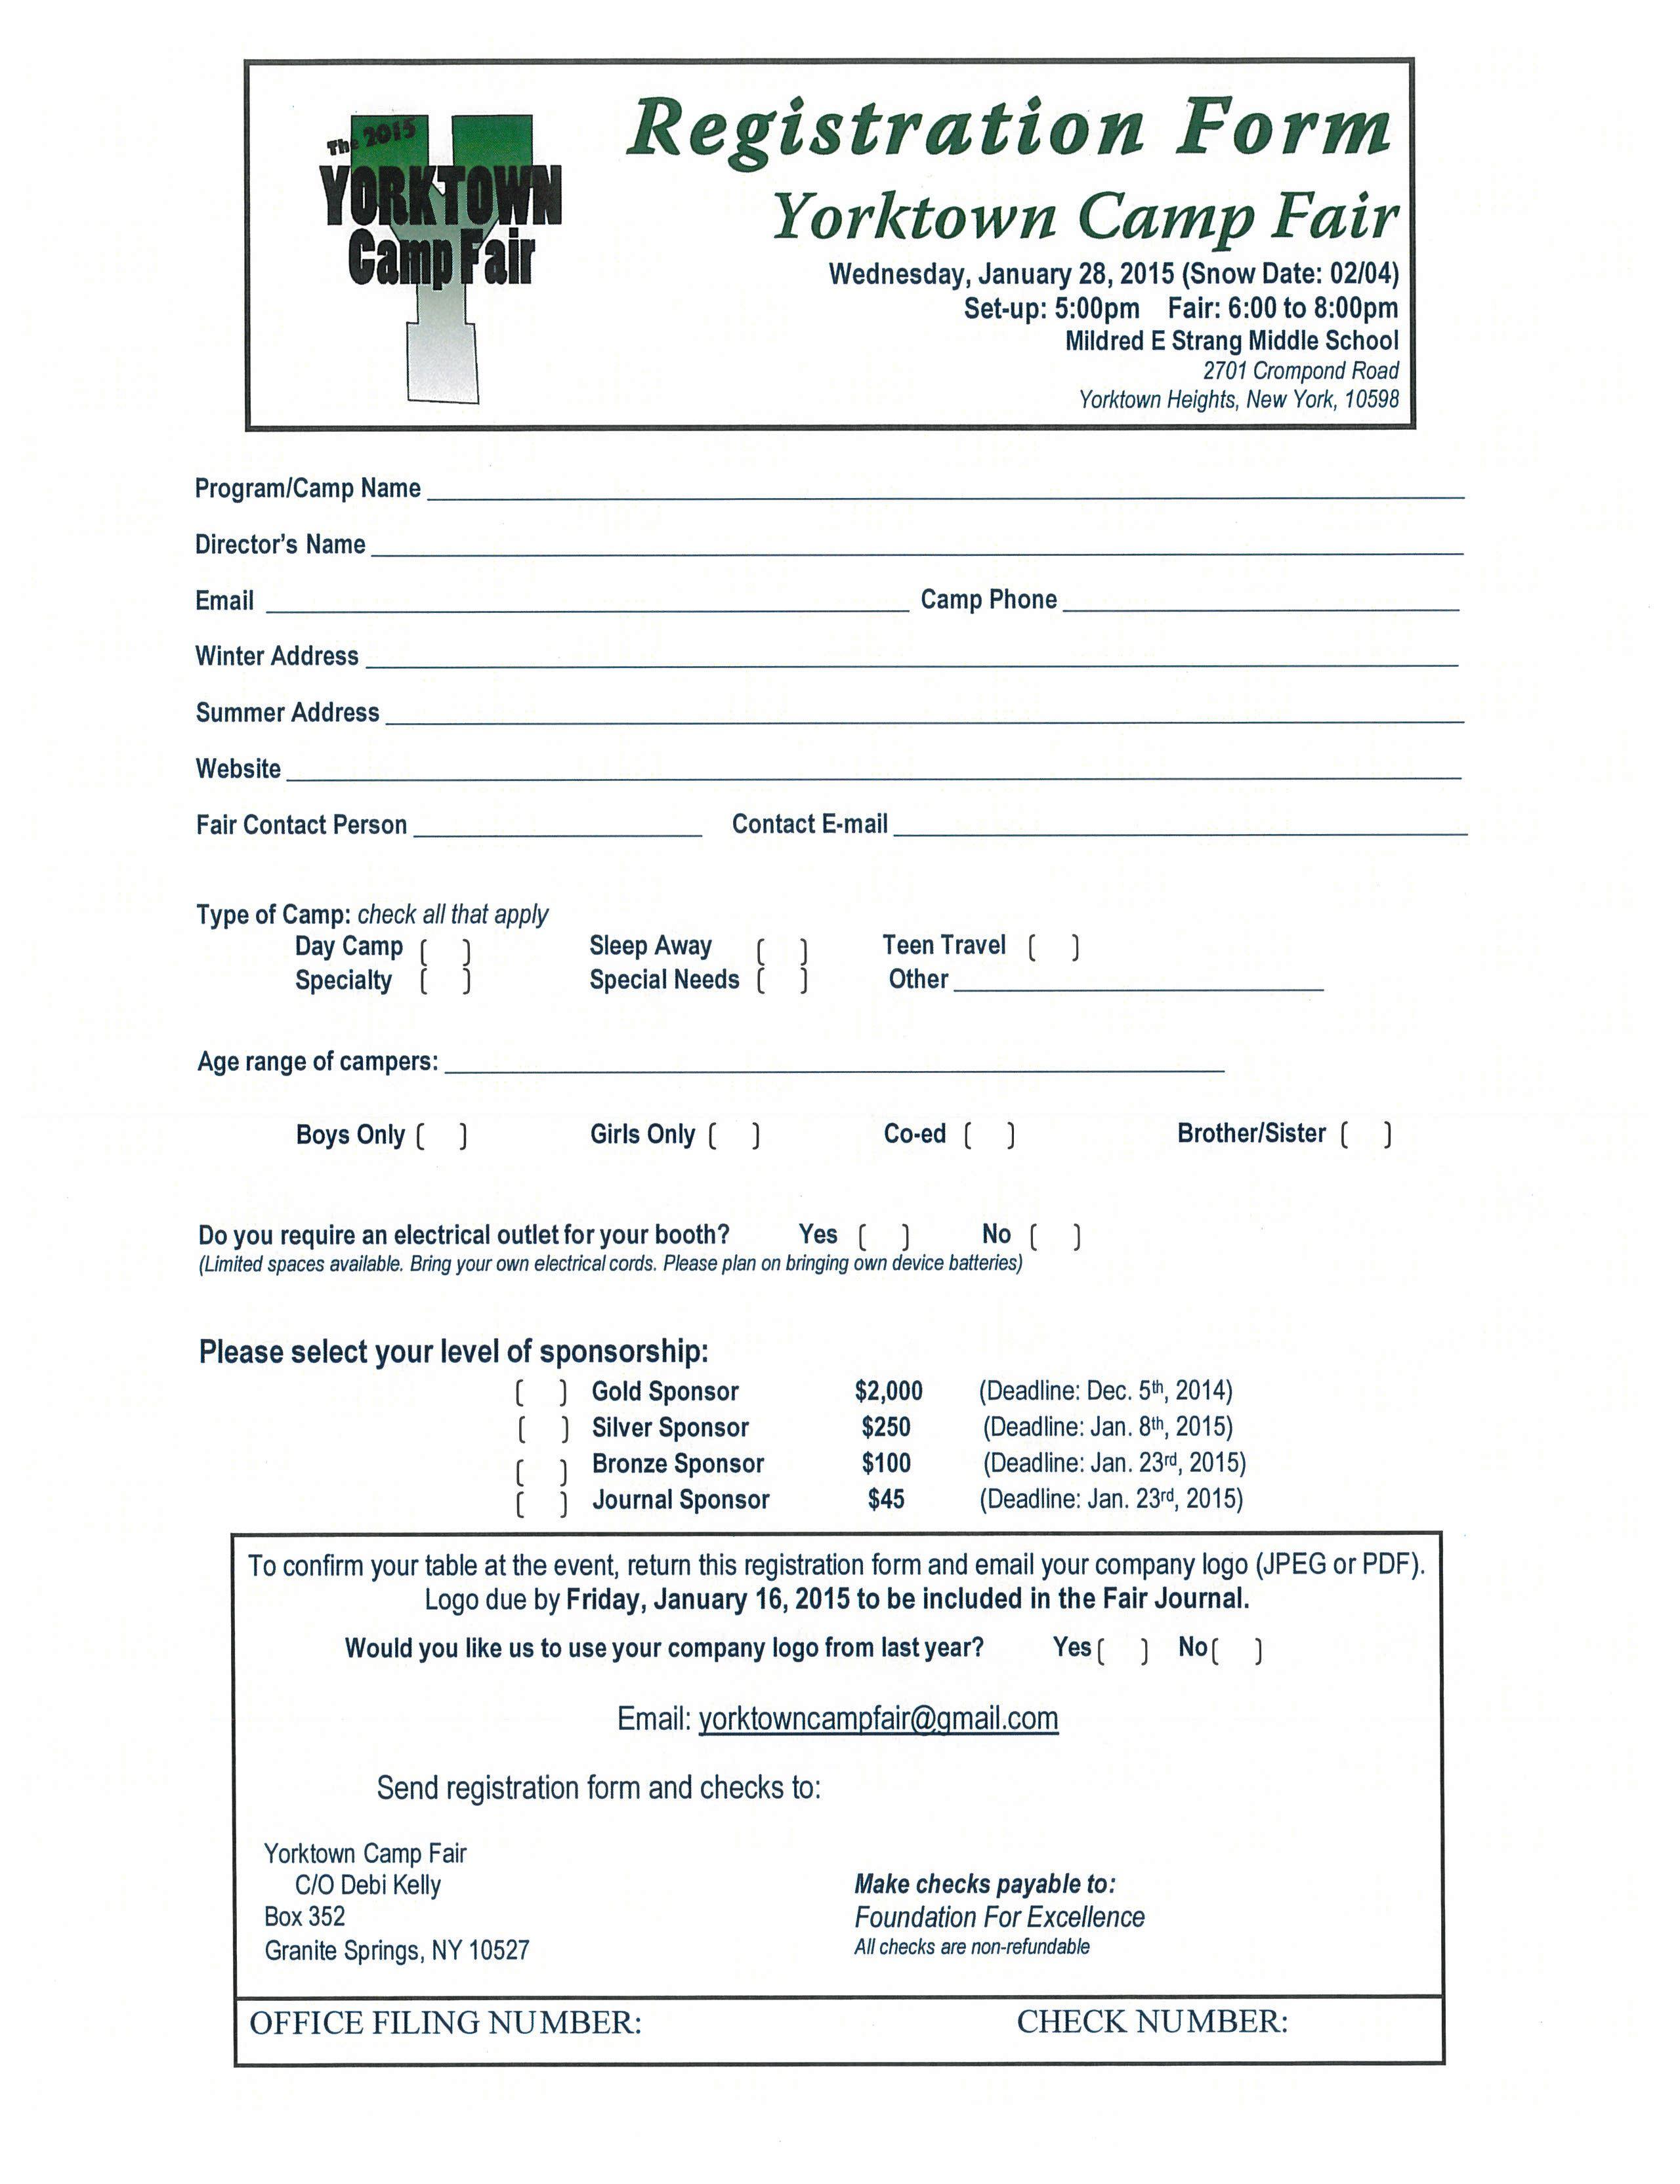 Yorktown Camp Fair 2015 Registration